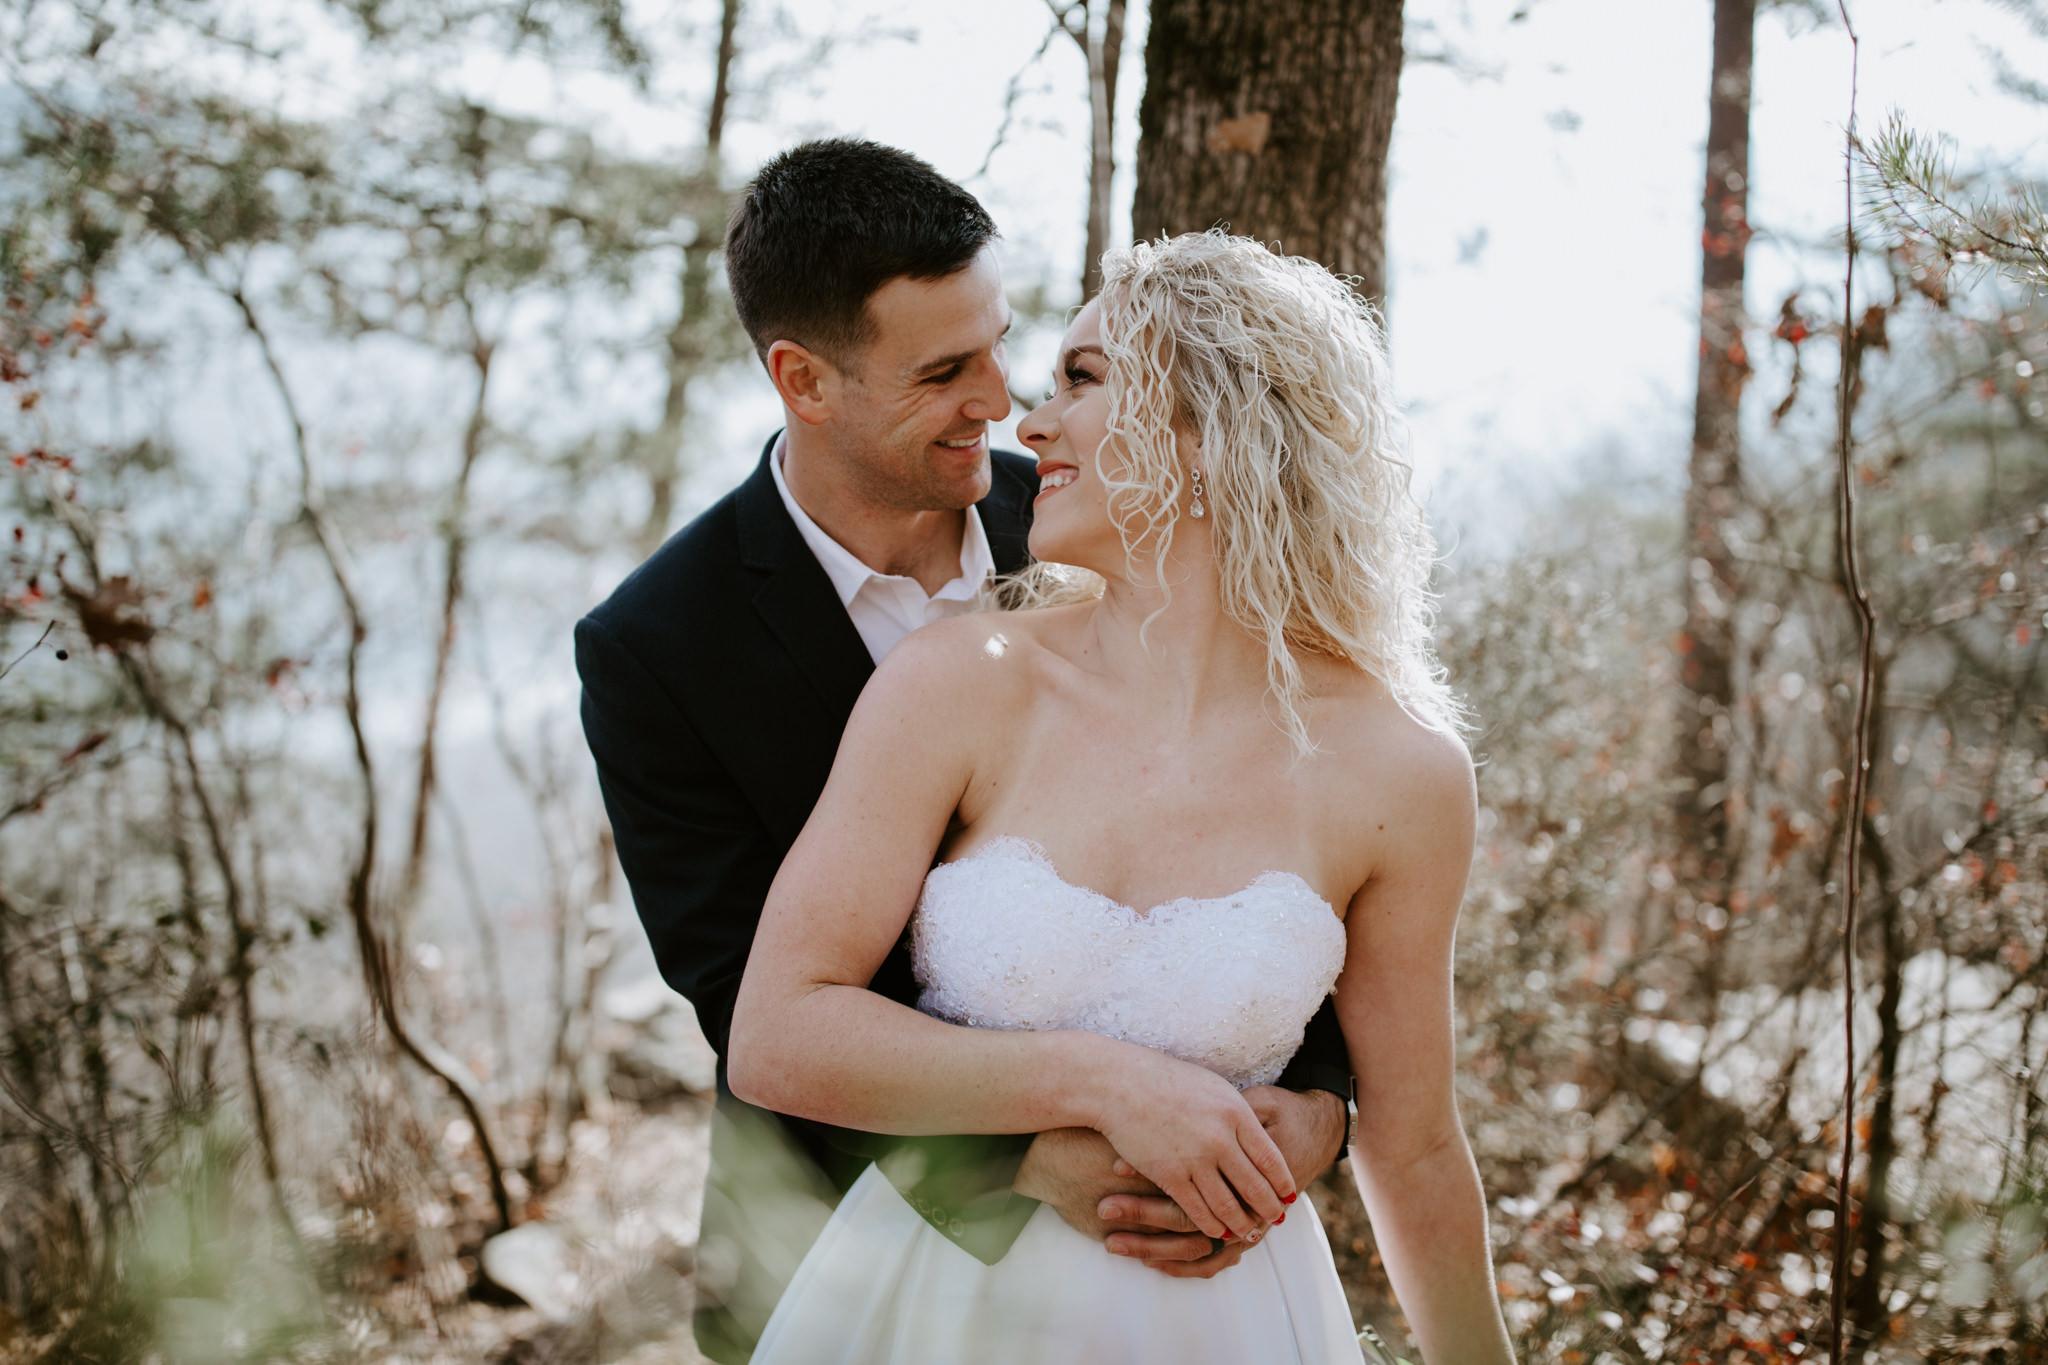 Lauren-and-Trent-Chattanooga-Nashville-Wedding-Elopement-Photographer-12.jpg